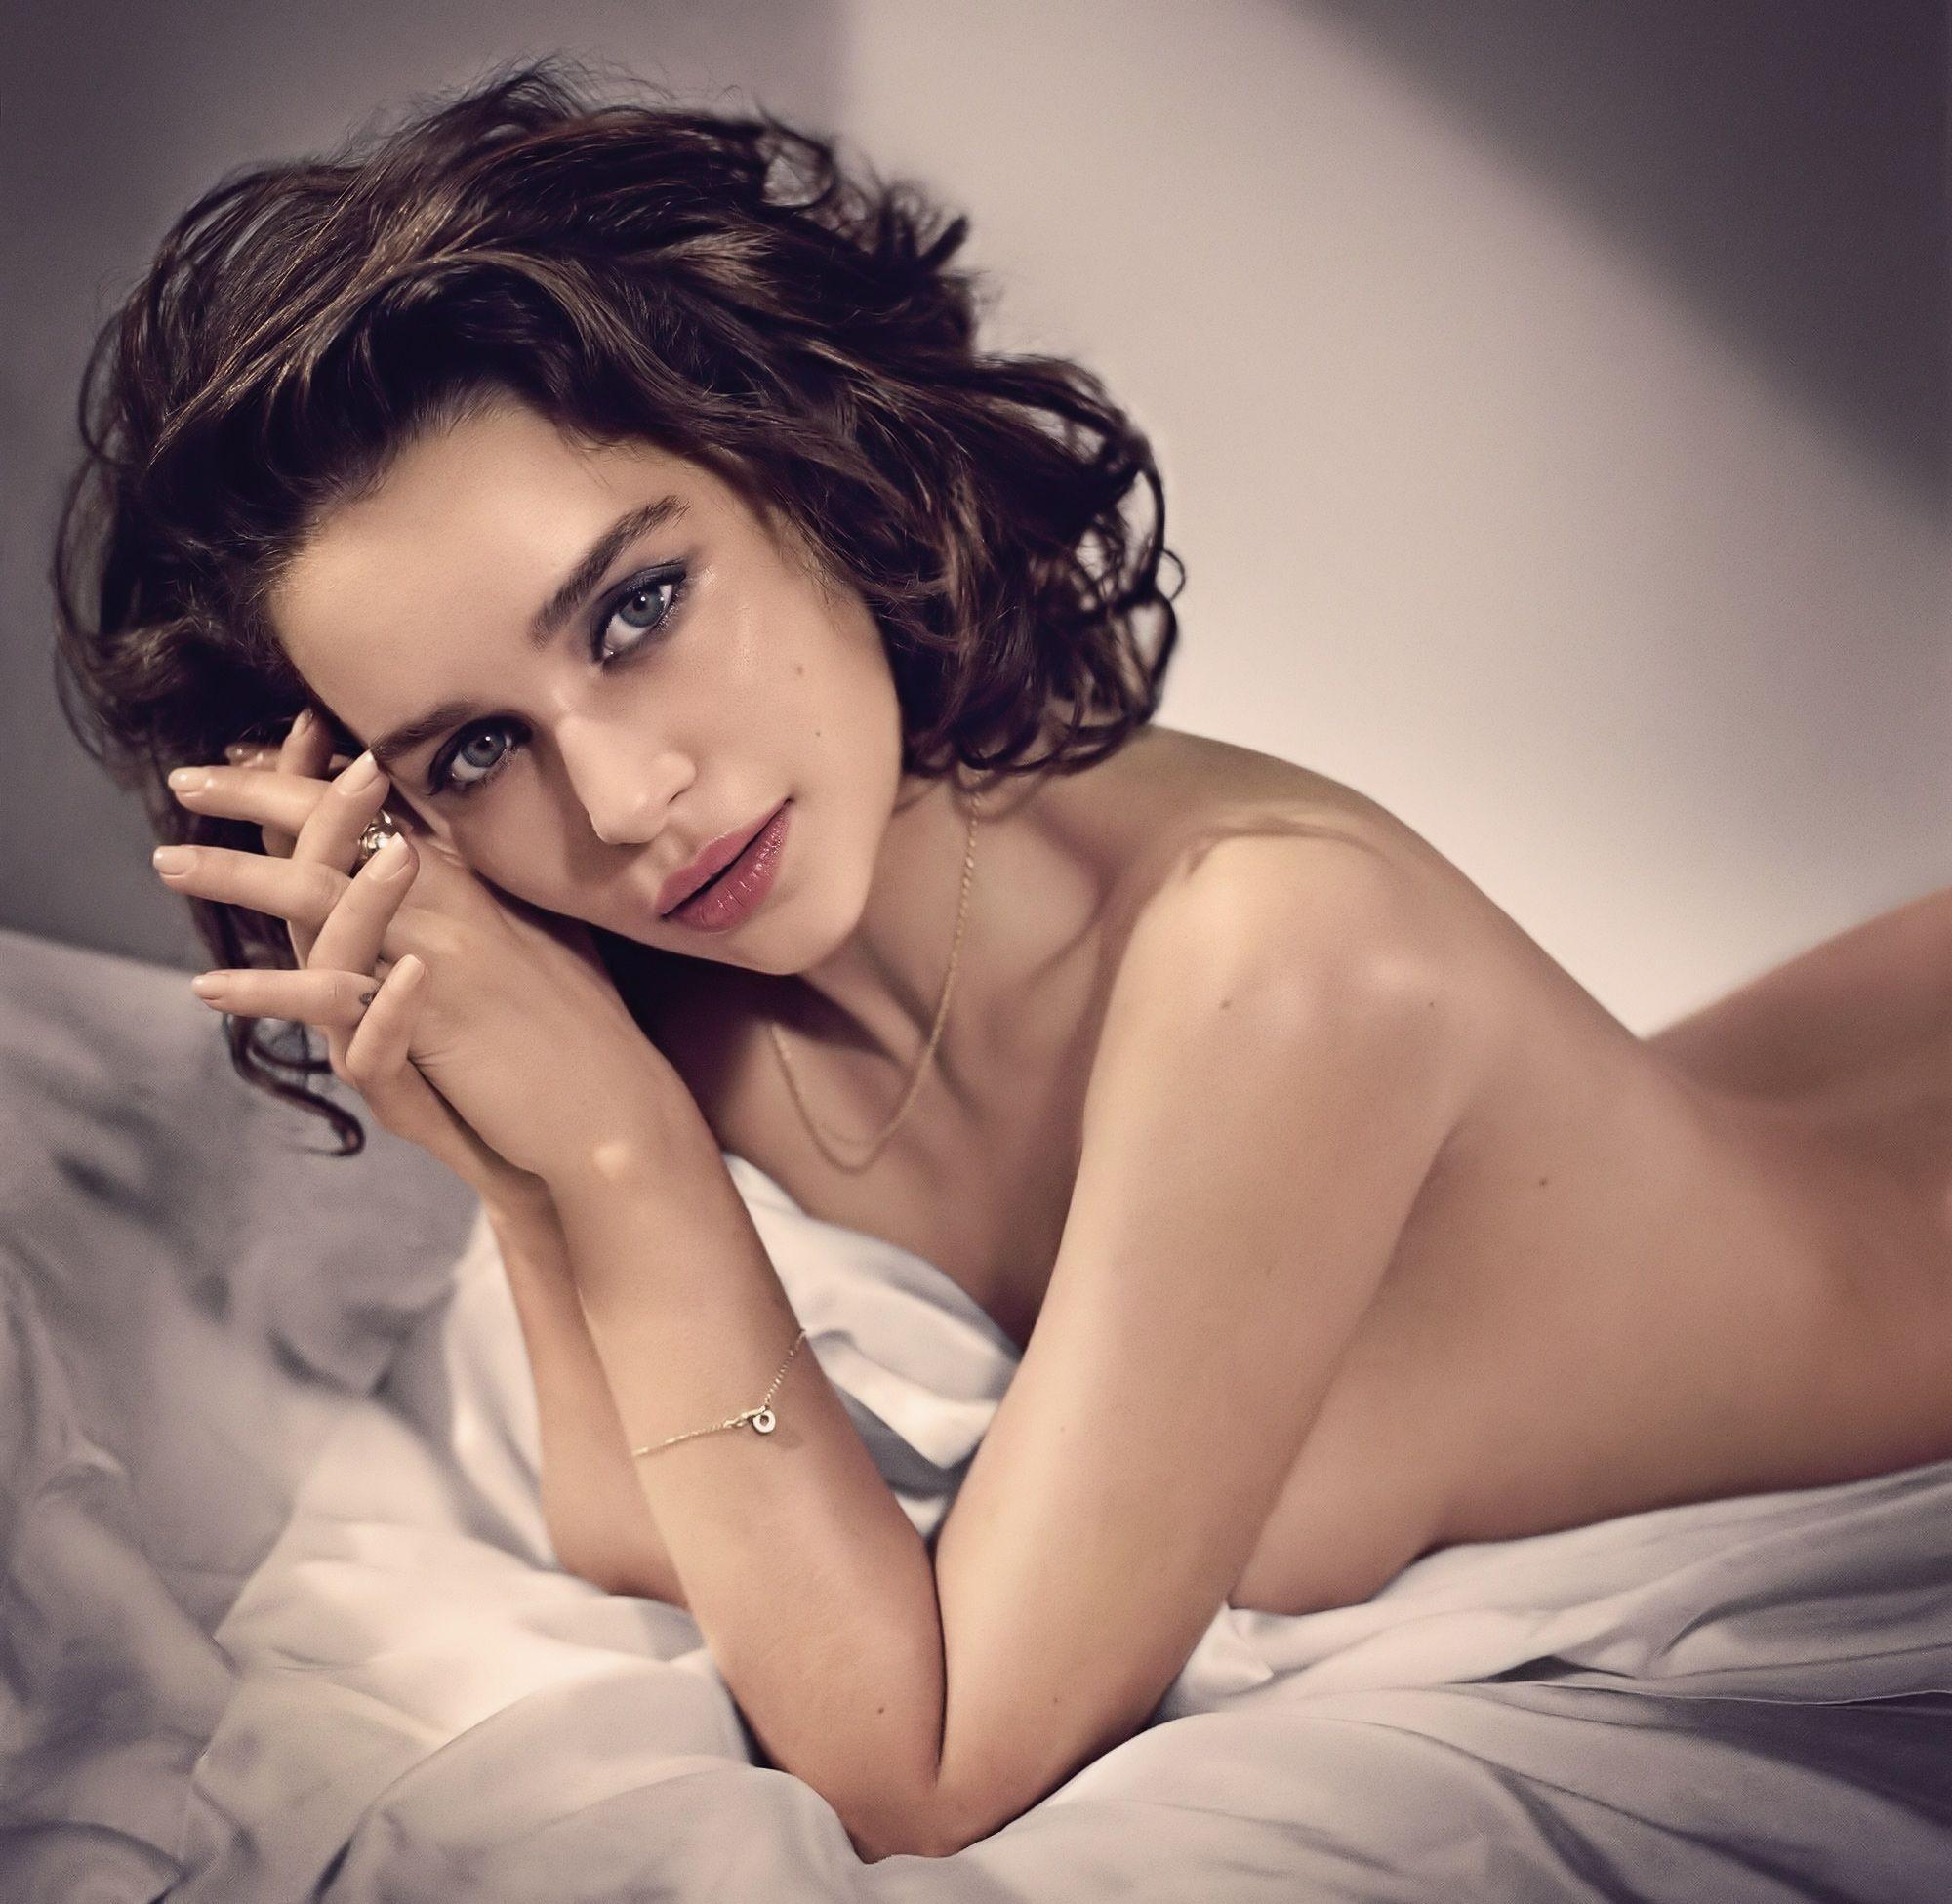 1000 images about emilia clarke on pinterest emilia - New Board Emilia Clarke Https Www Pinterest Com